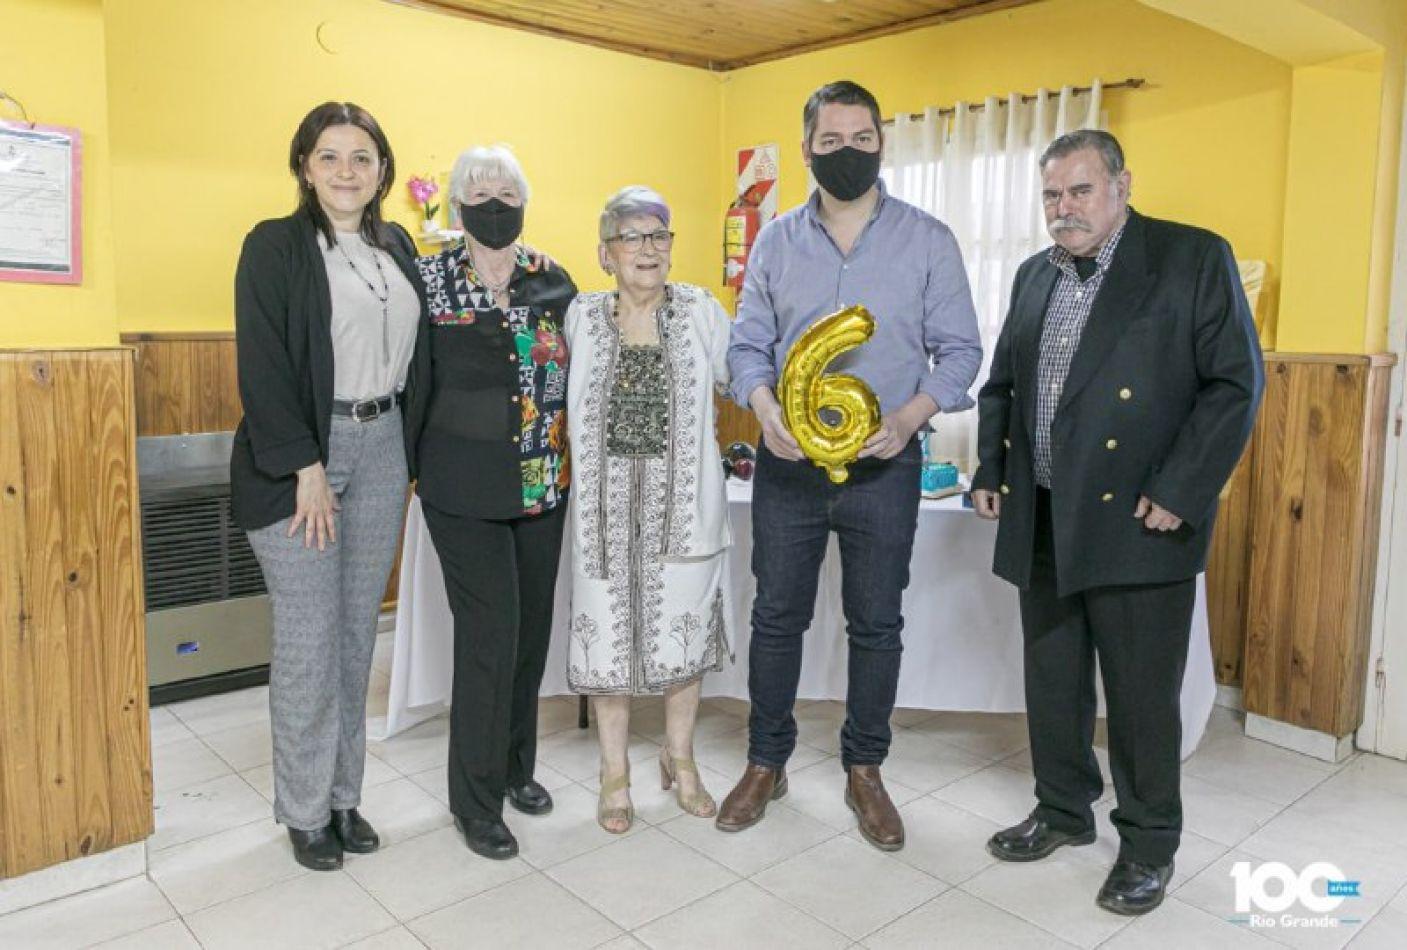 El intendente Martín Perez acompañó a los integrantes del Centro para celebrar un nuevo aniversario .